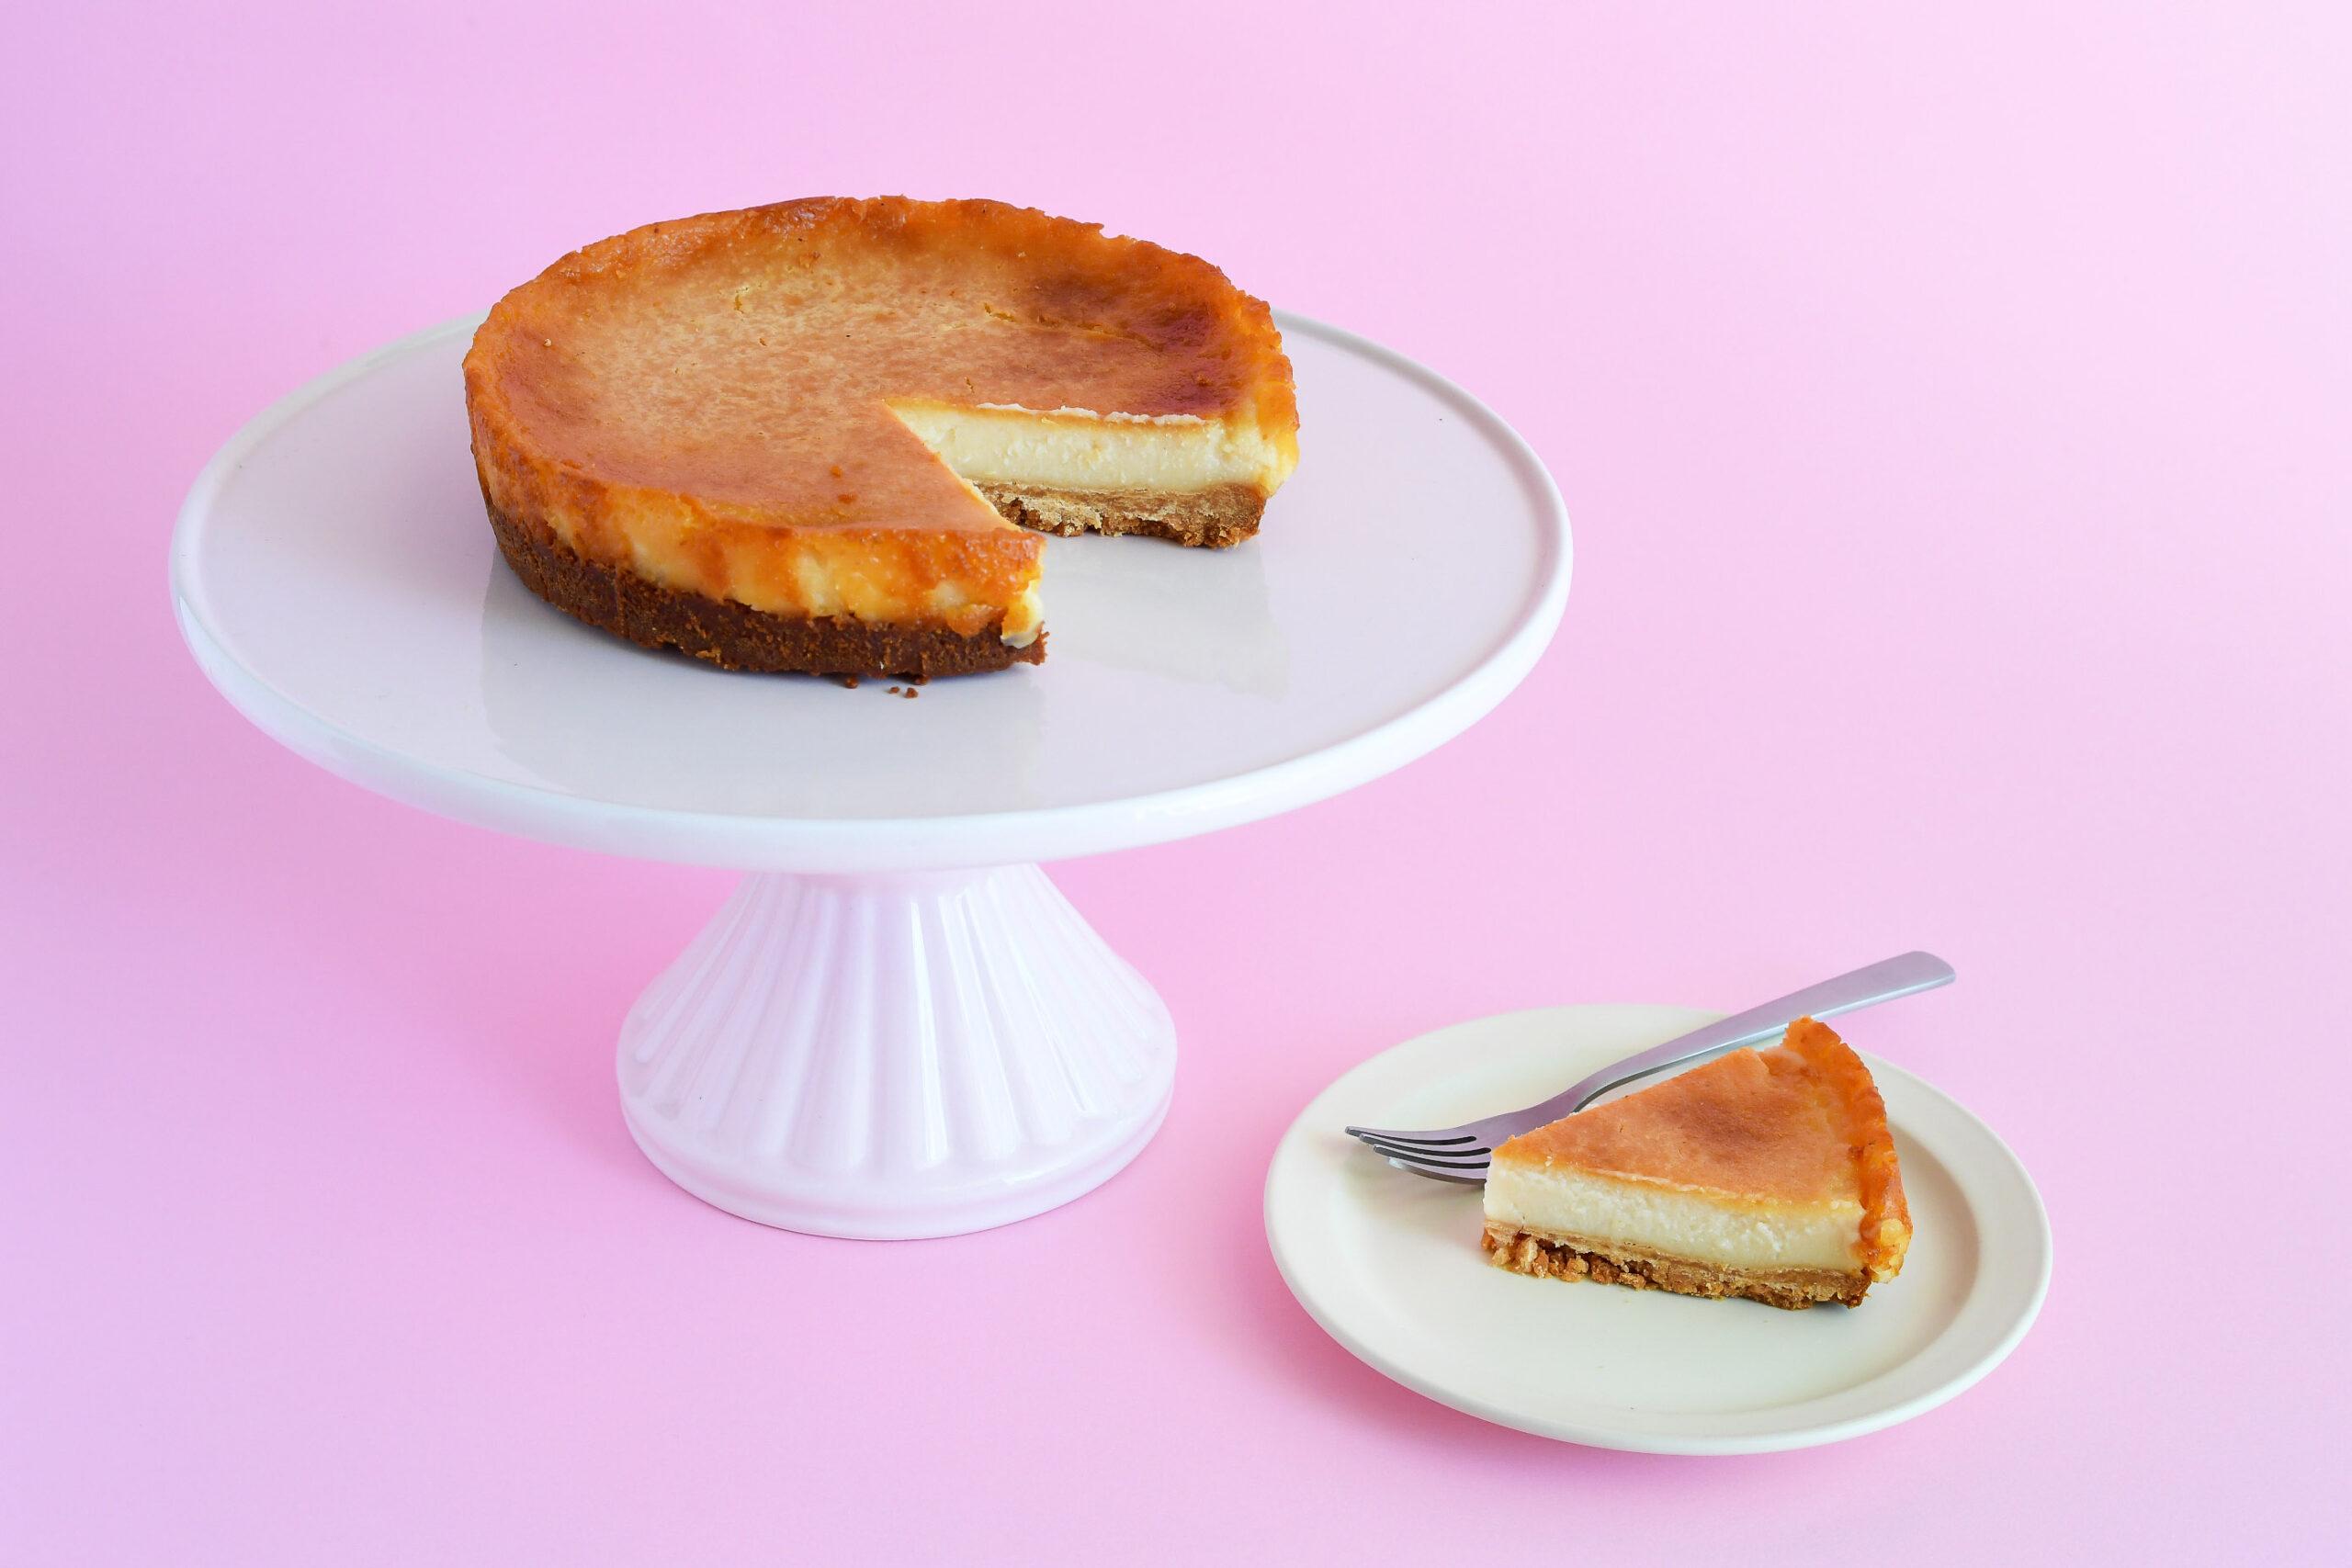 ヴィーガン&グルテンフリースイーツ チーズケーキ